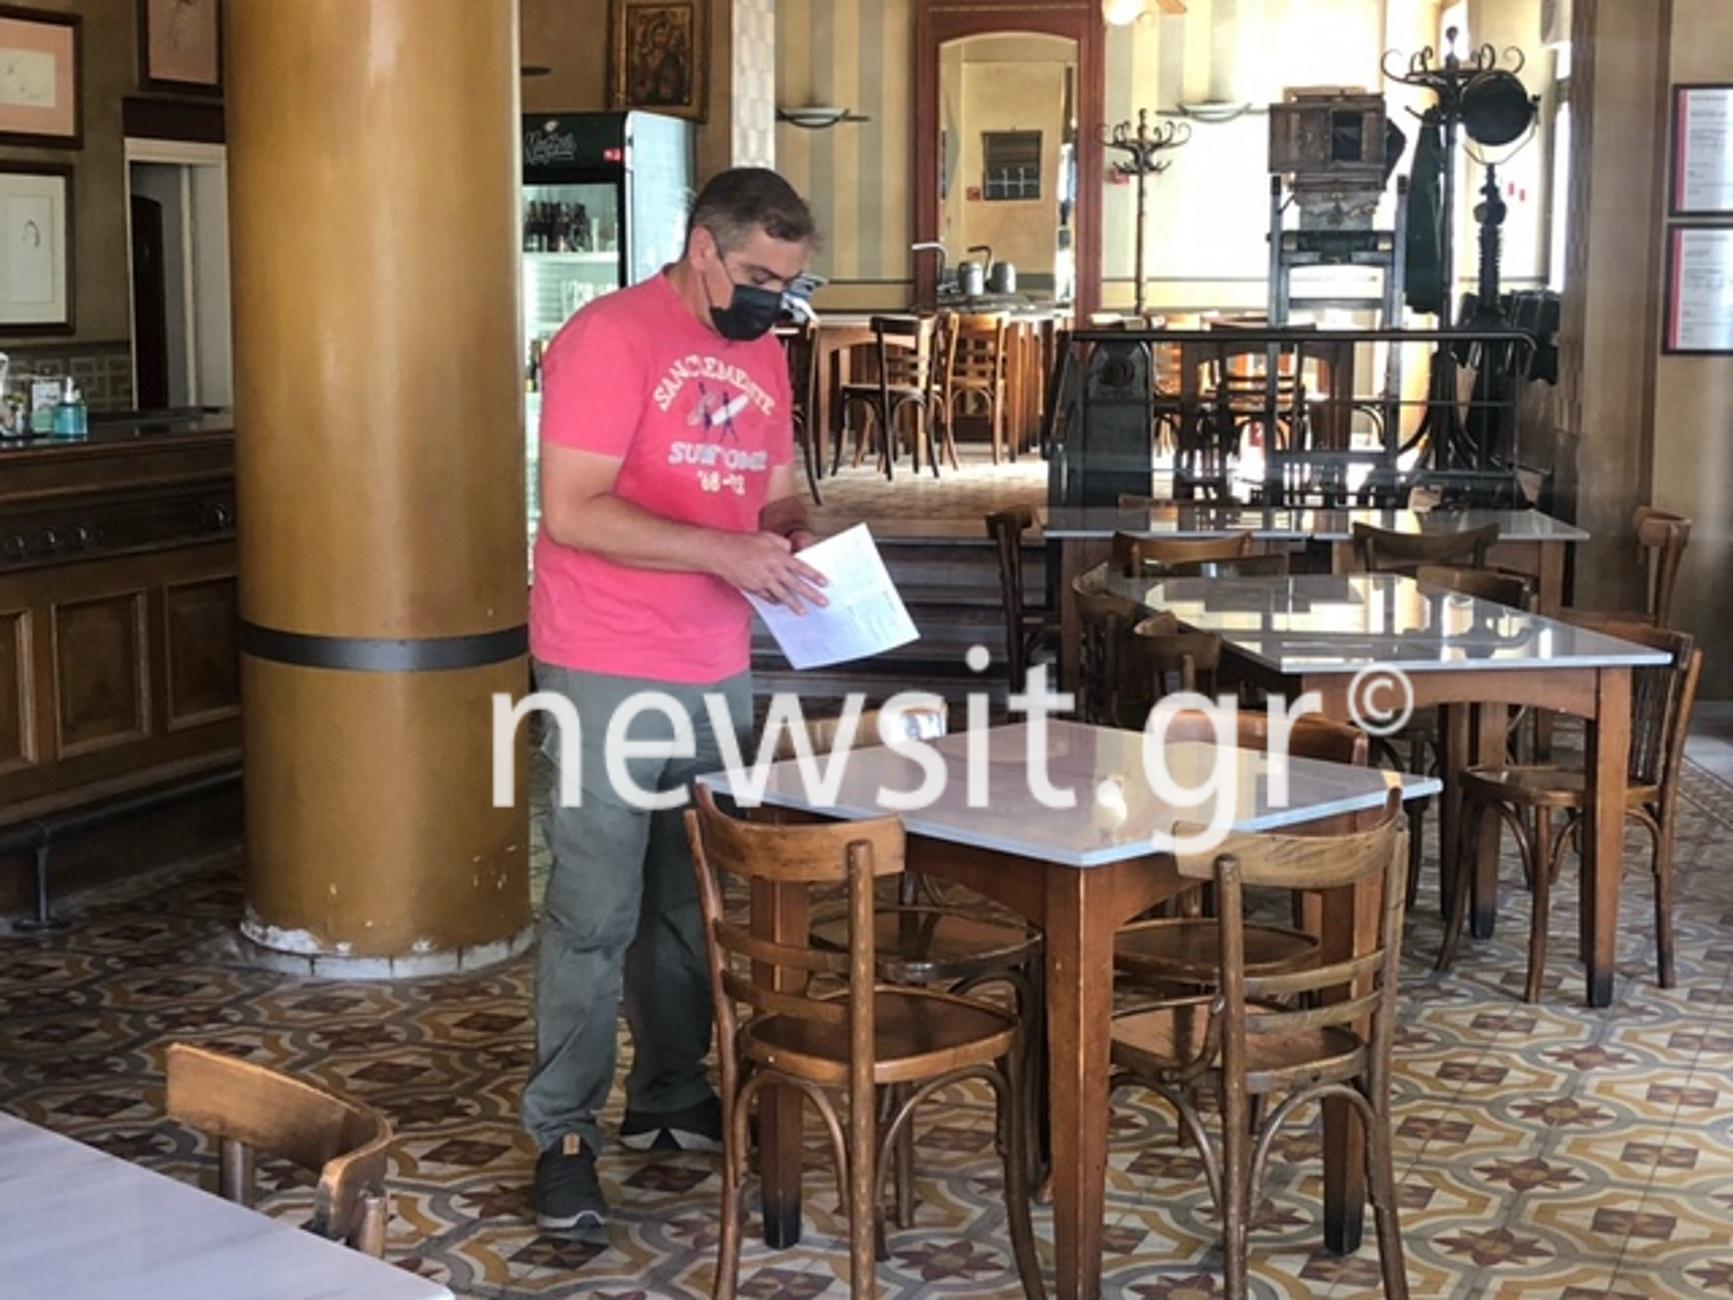 Θεσσαλονίκη: Φοβούνται μπάχαλο οι ιδιοκτήτες εστιατορίων μετά τους νέους κανόνες που ανακοινώθηκαν